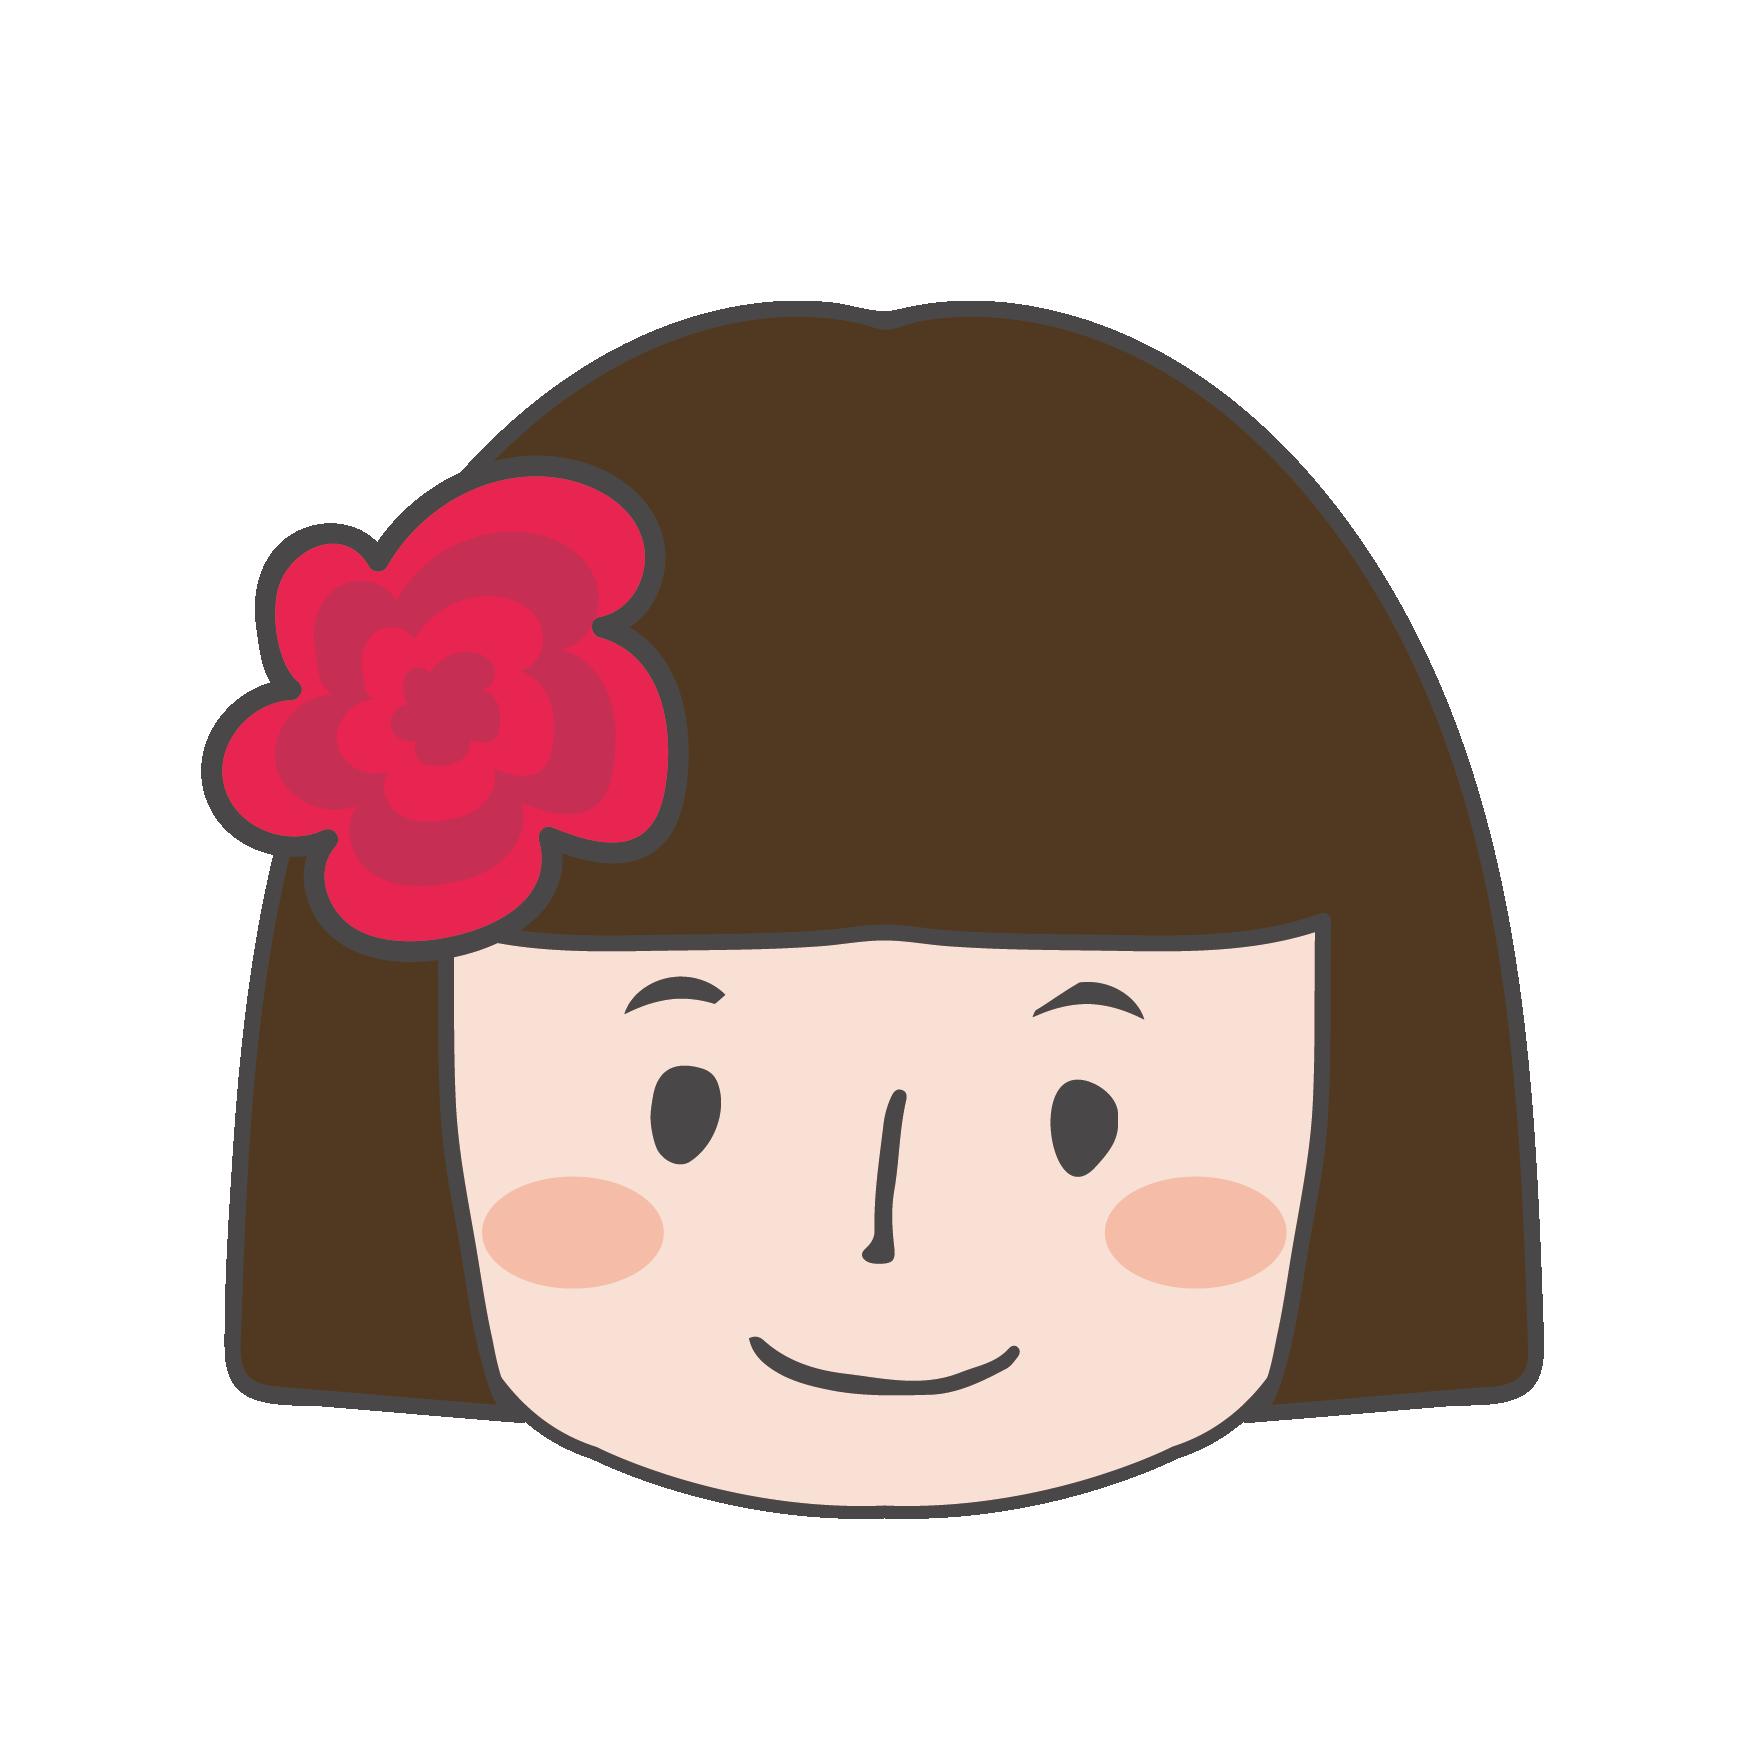 オカッパヘアーのかわいい女の子のイラスト【顔アップ】 | 商用フリー